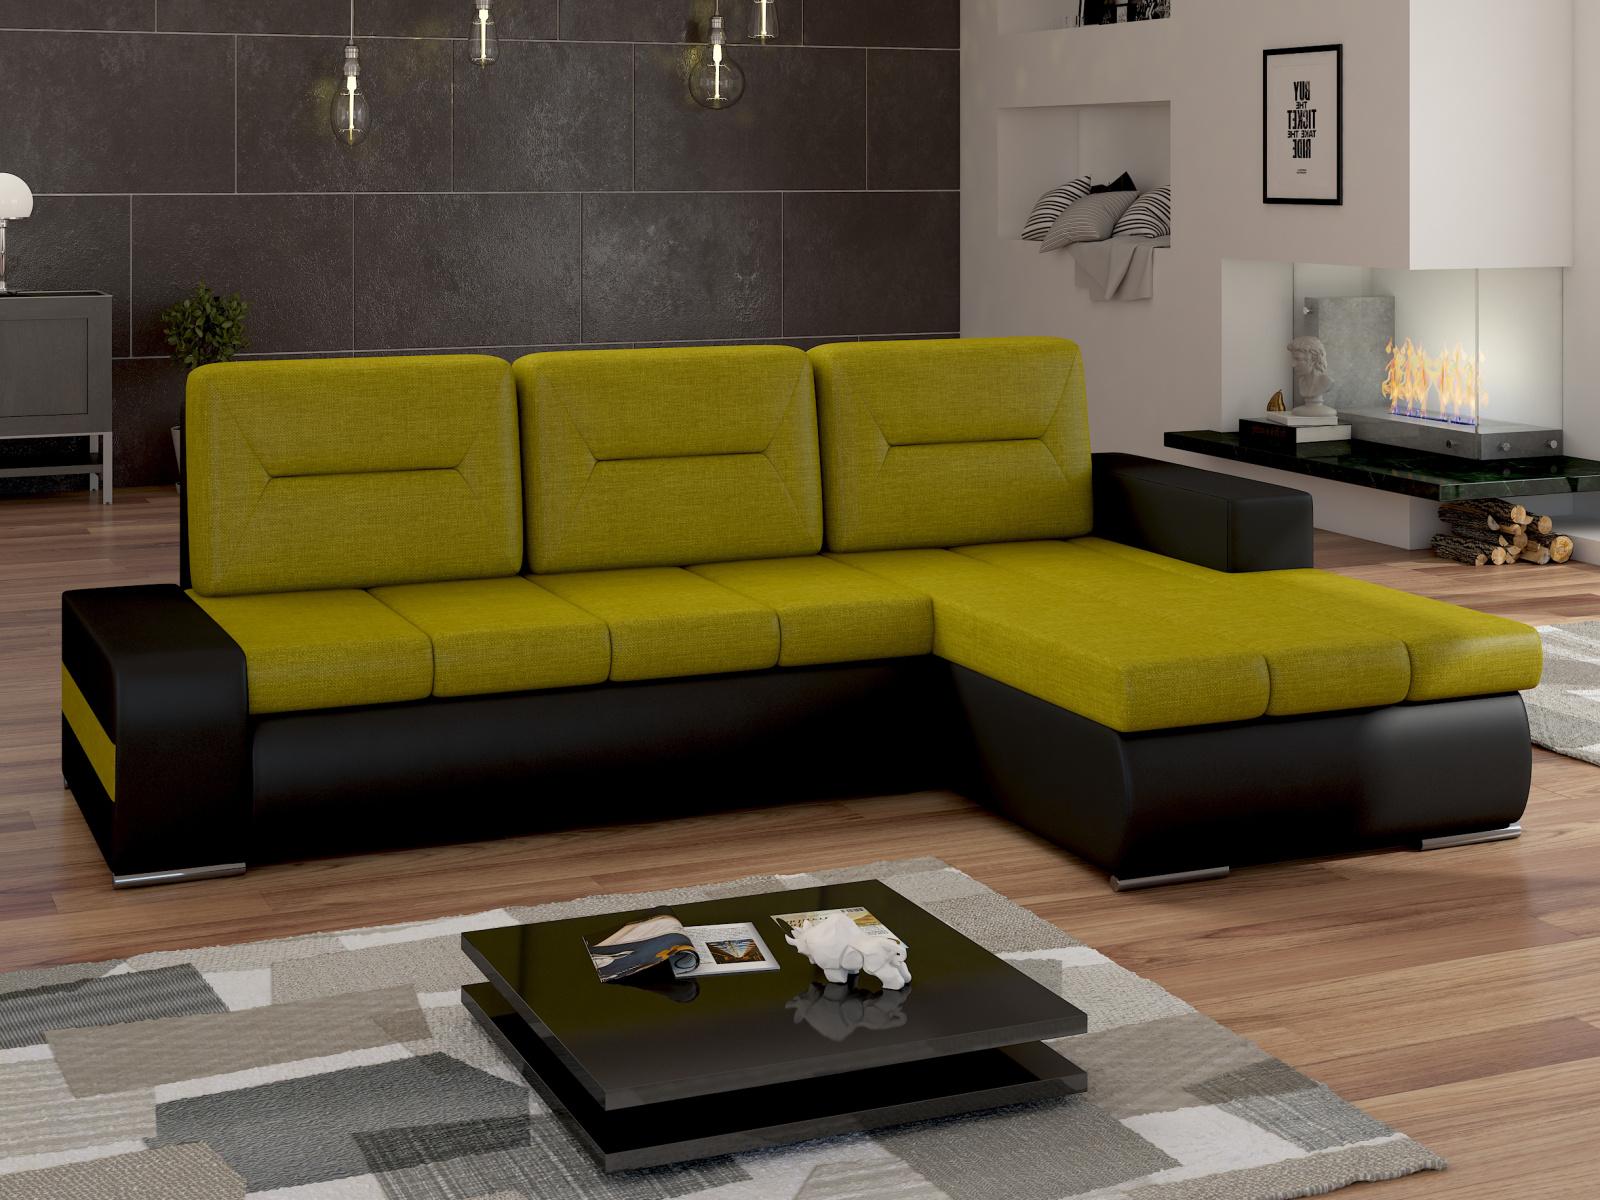 ELTAP Rohová sedačka OTTAVIO Ov16 pravá, zelená látka/černá ekokůže